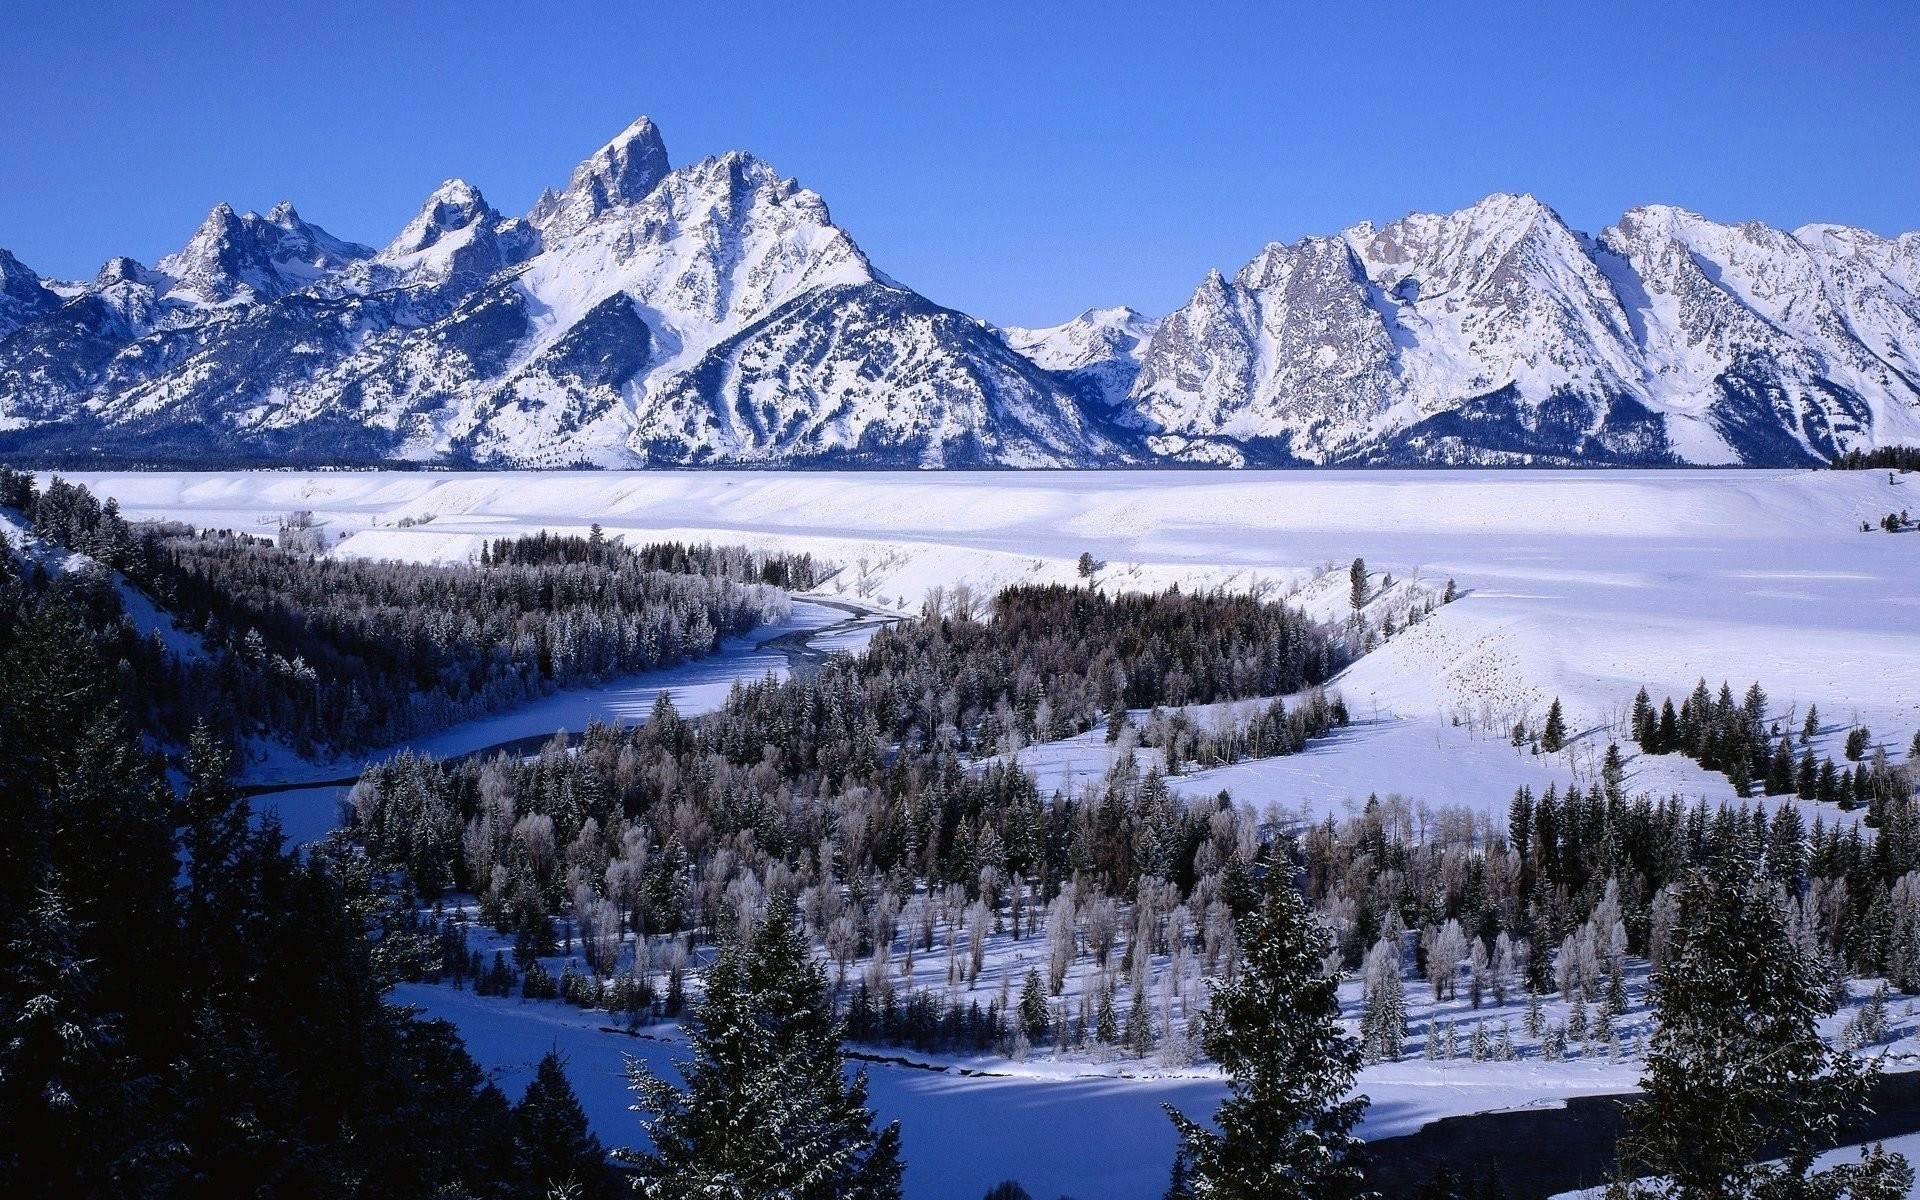 Snowy Mountains Winter Activities 11097 Wallpaper Wallpaper hd 1920x1200